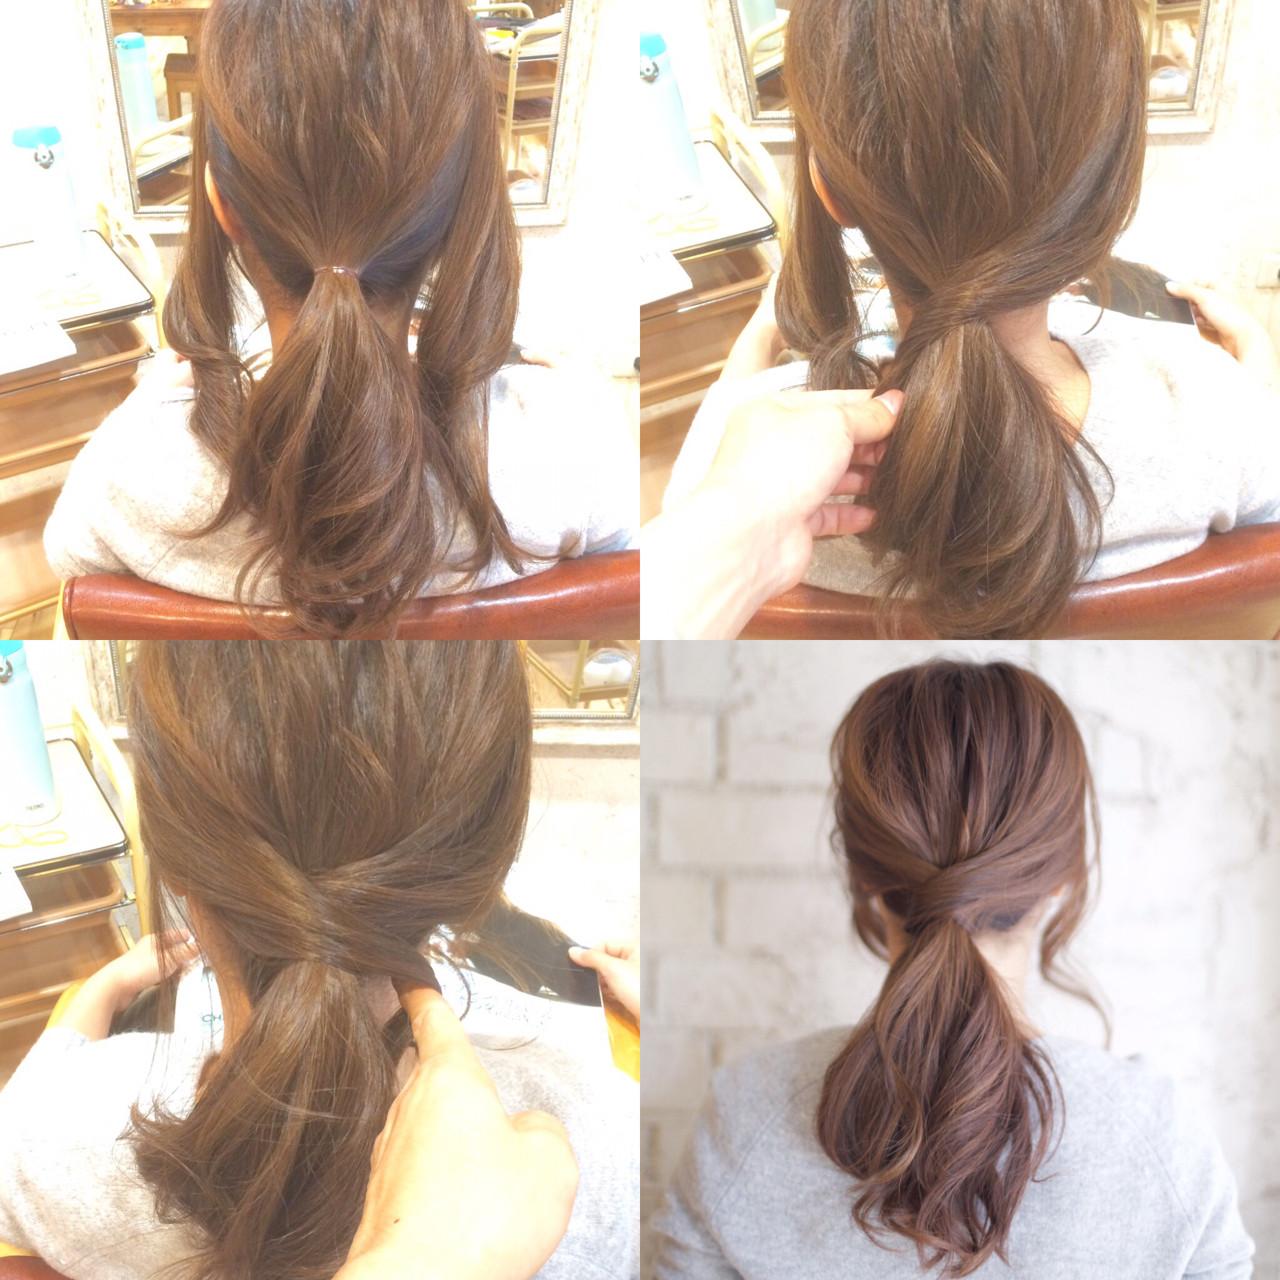 ヘアアレンジ 大人かわいい セミロング 簡単ヘアアレンジヘアスタイルや髪型の写真・画像